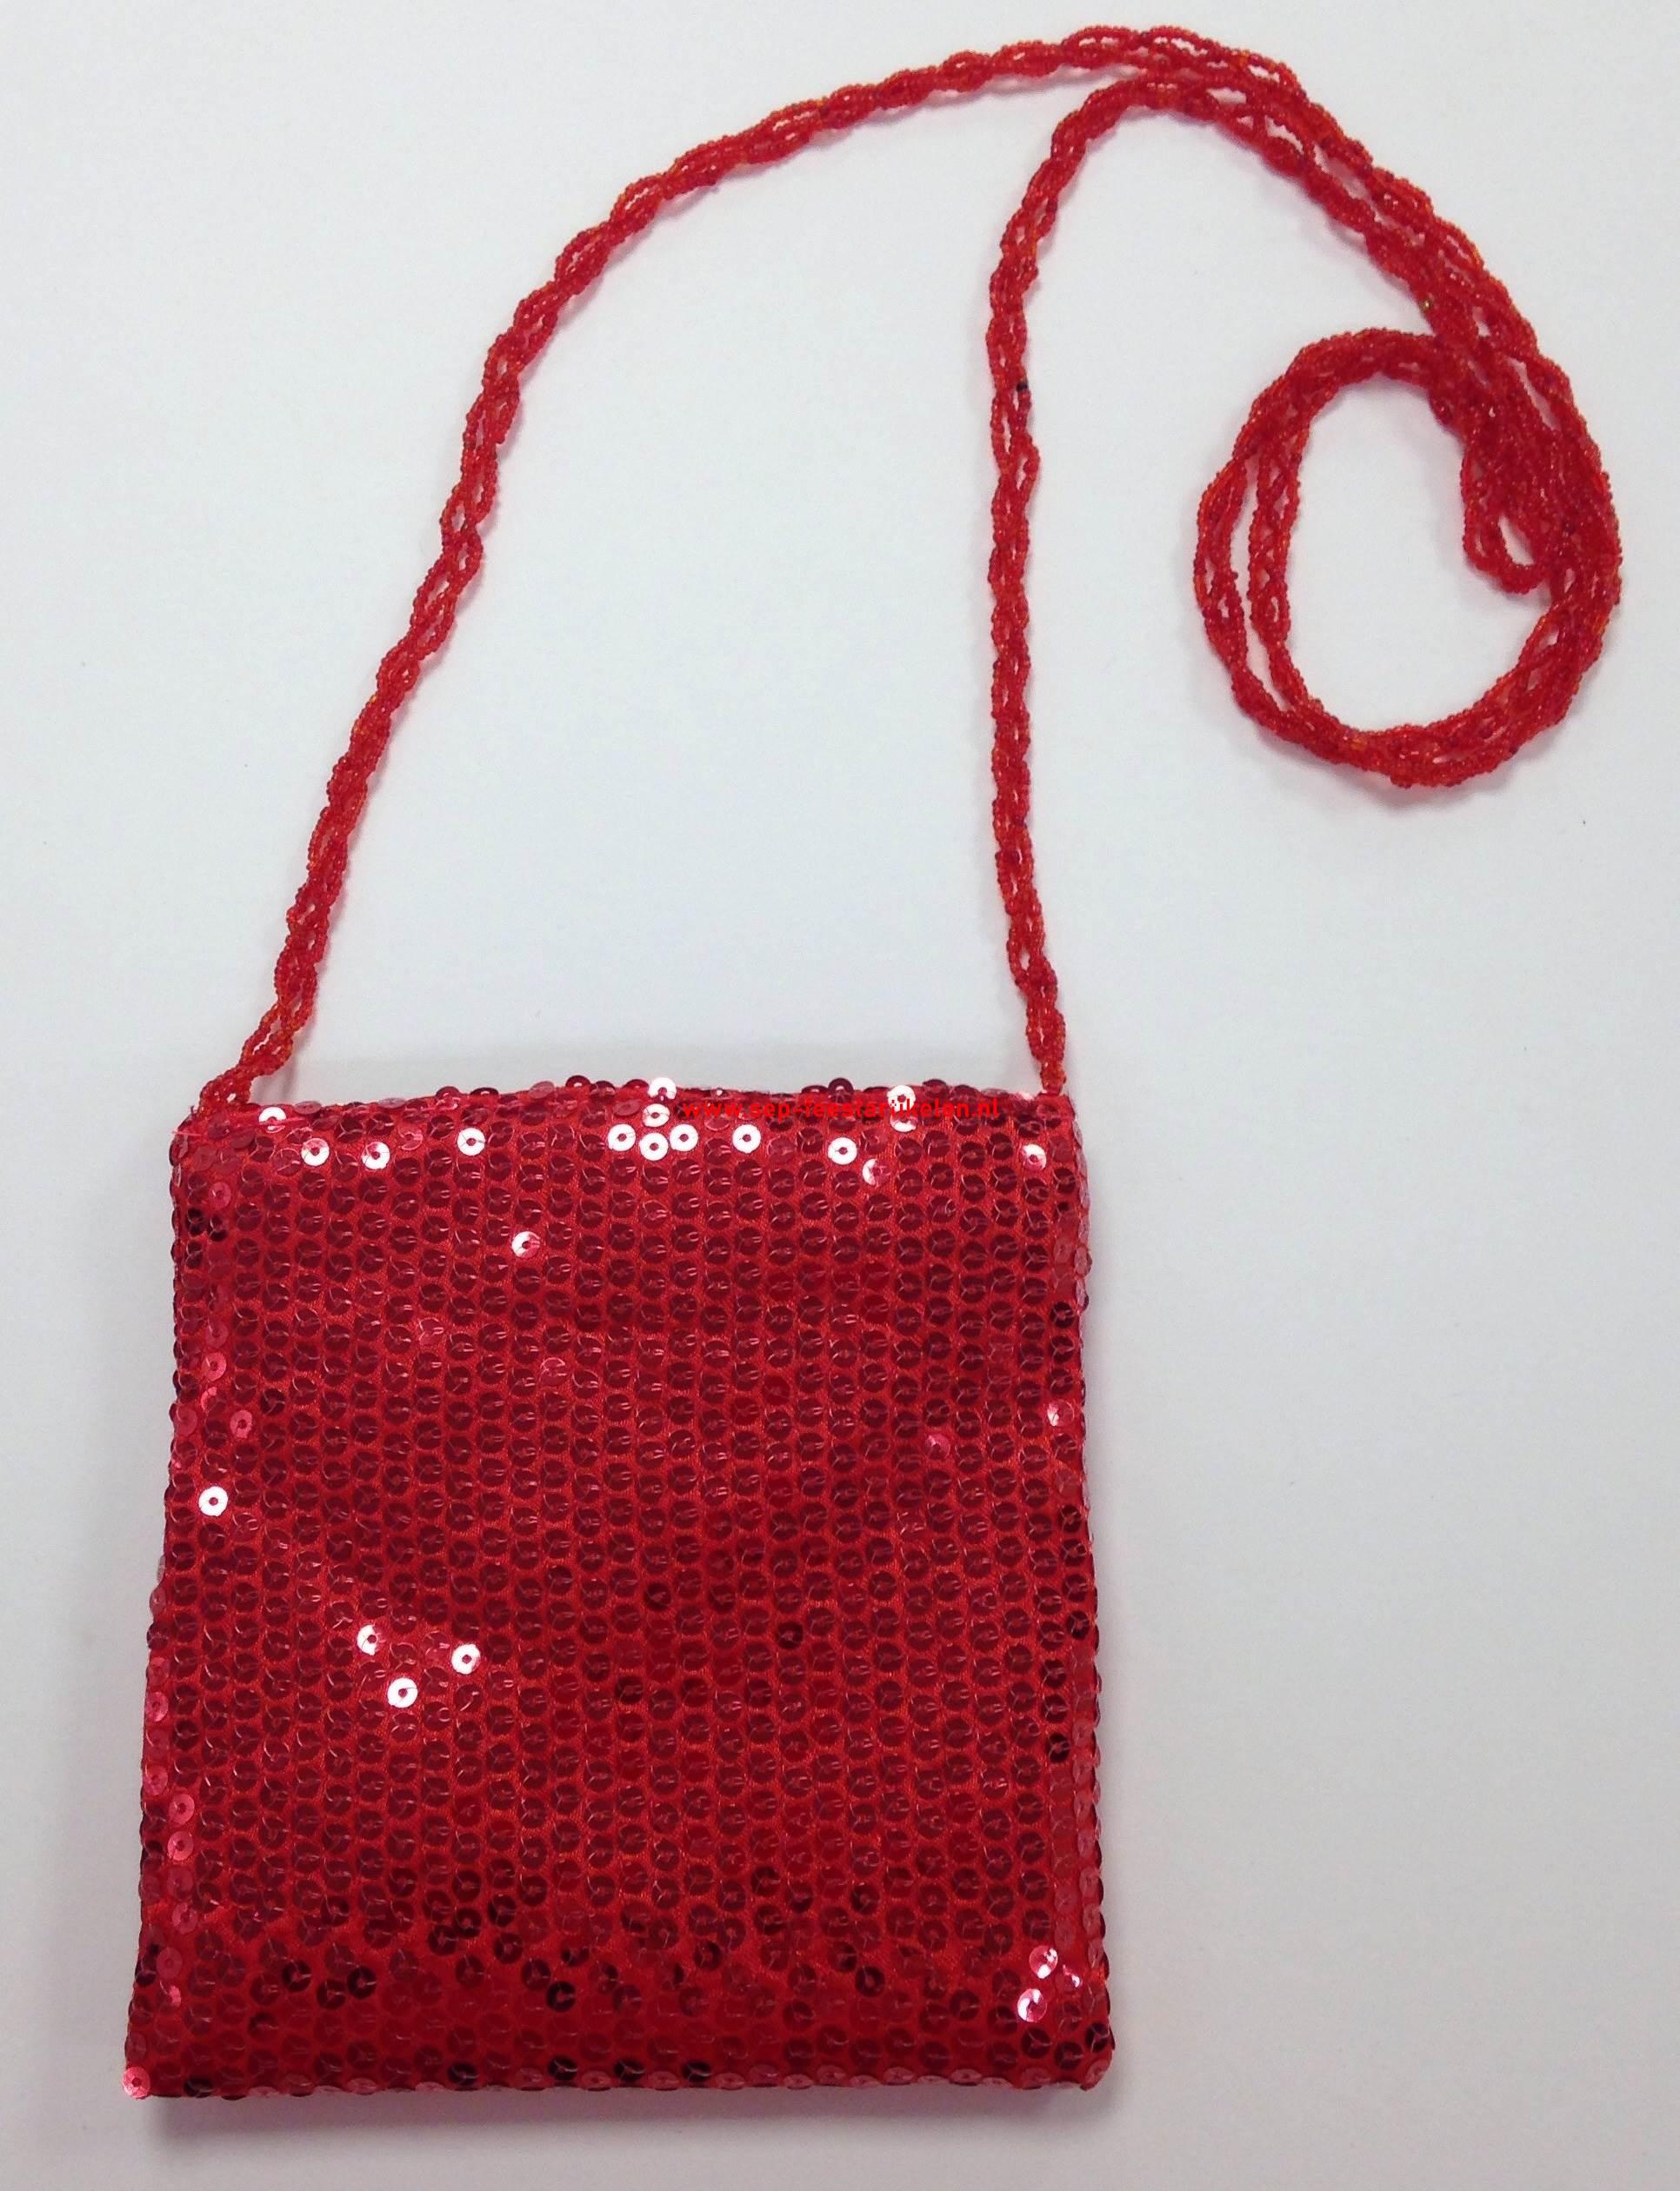 46f0700d705 Pailletten tasje rood 17x18cm. direct leverbaar! - SEP Feestartikelen